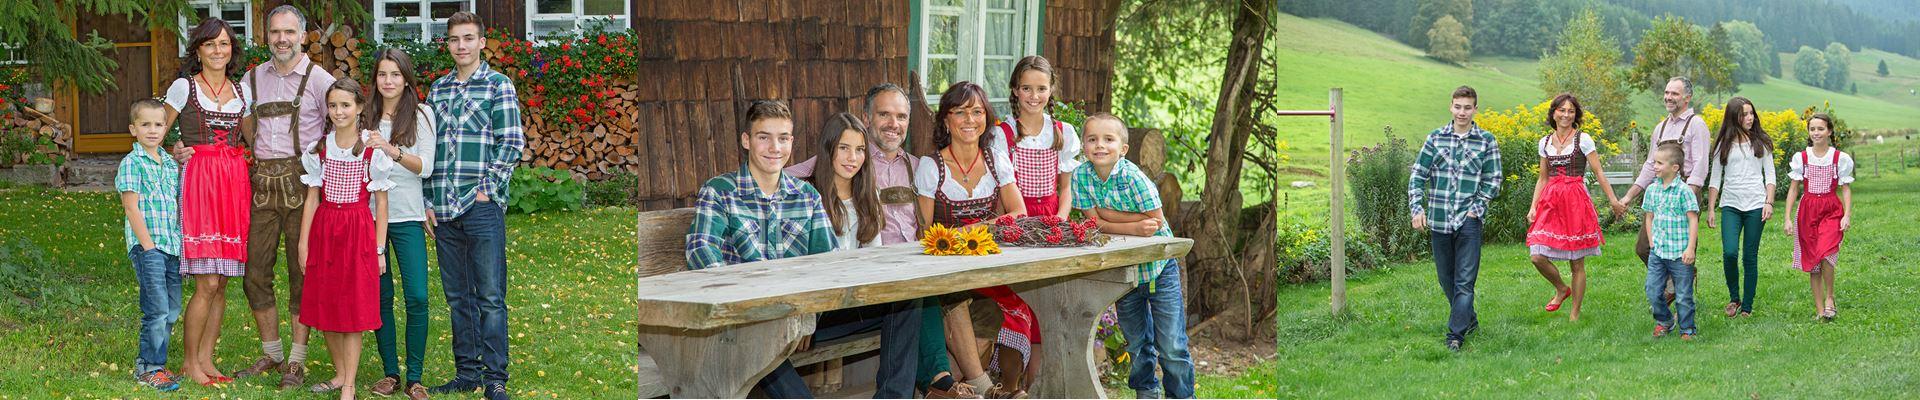 Collage: Familienbilder der Familie Ketterer / Griesbachhof-Schwarzwald